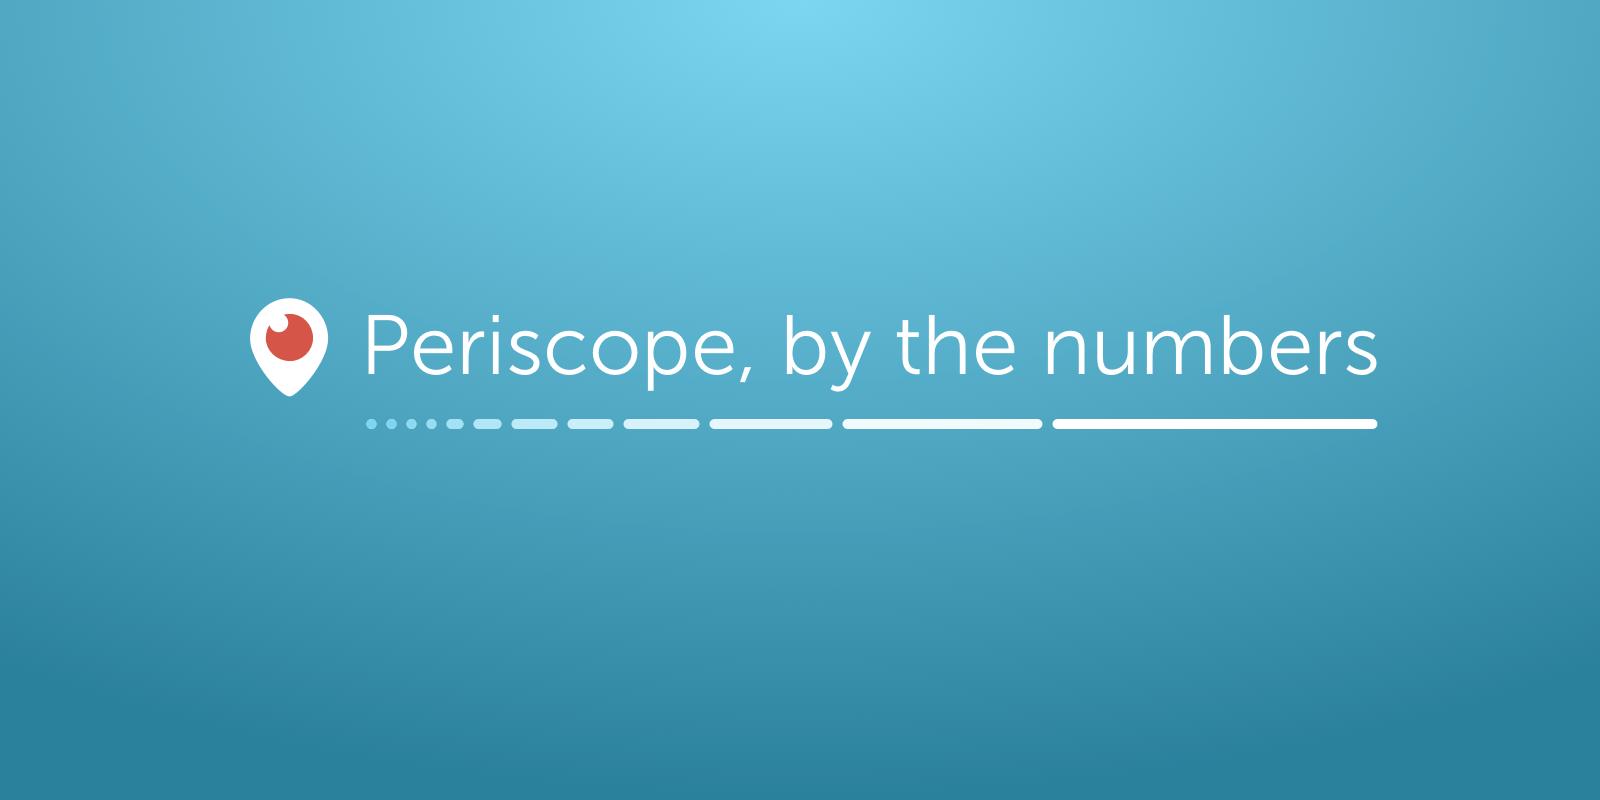 Periscope, 10 millones de usuarios en cuatro meses y 40 años de vídeo diarios